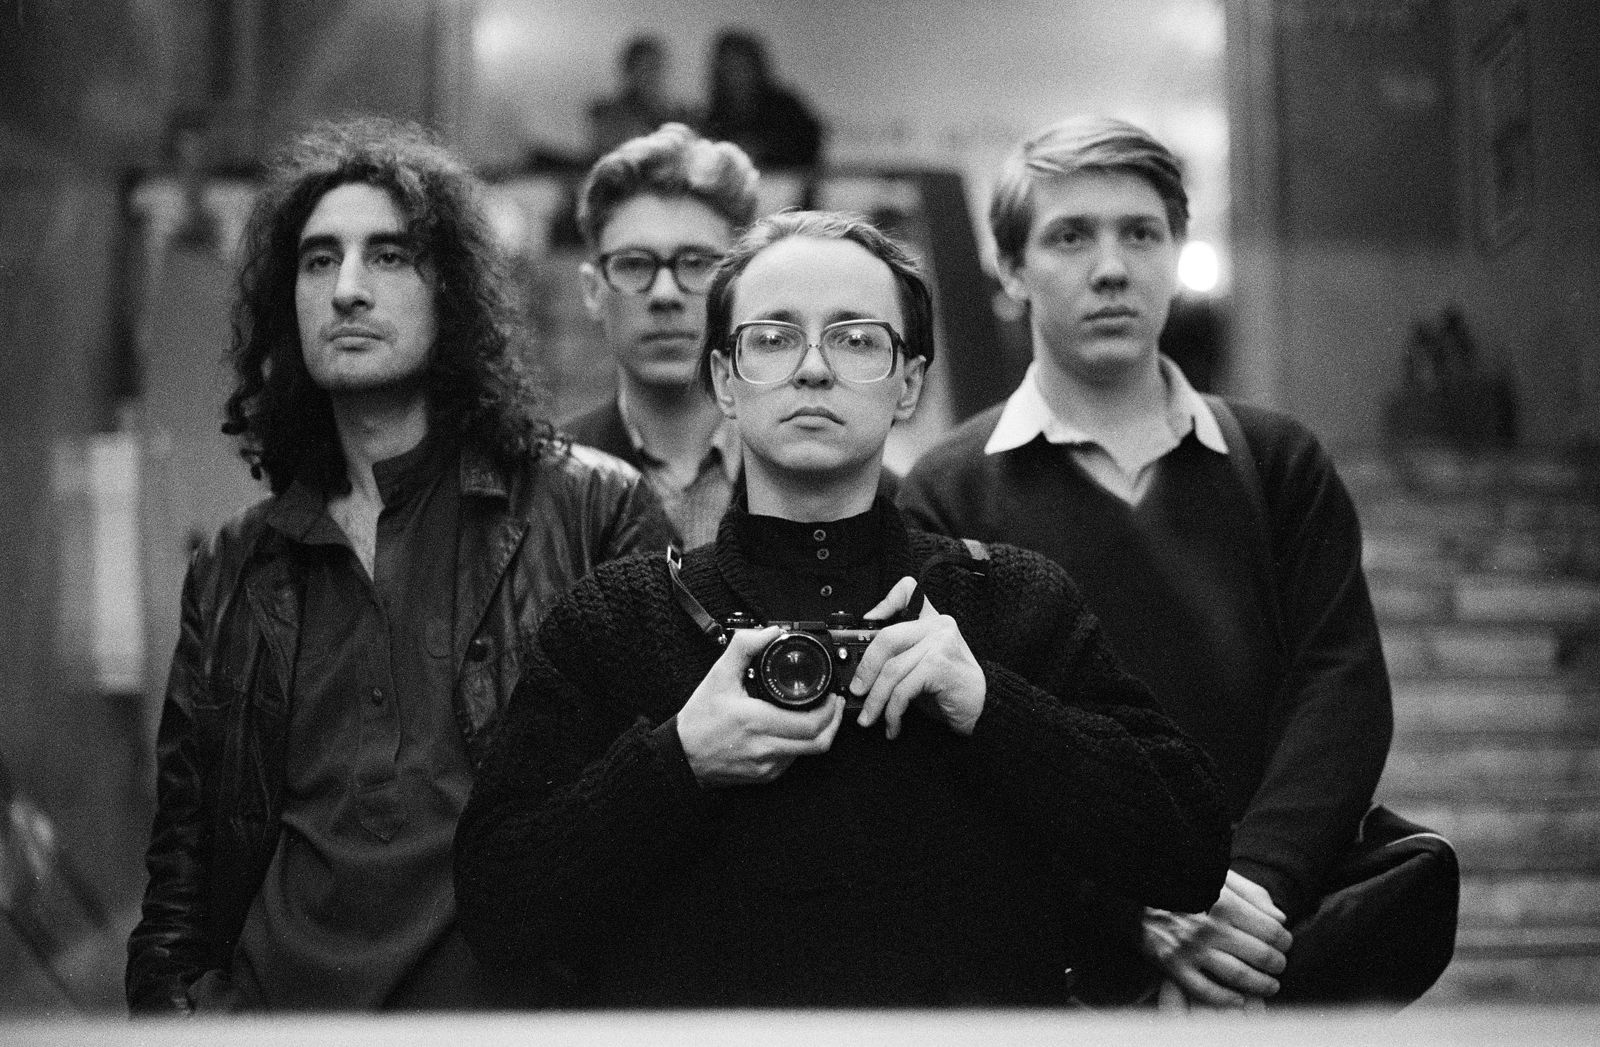 автопортрет с Борисом Юханановым и братьми Олейниковыми